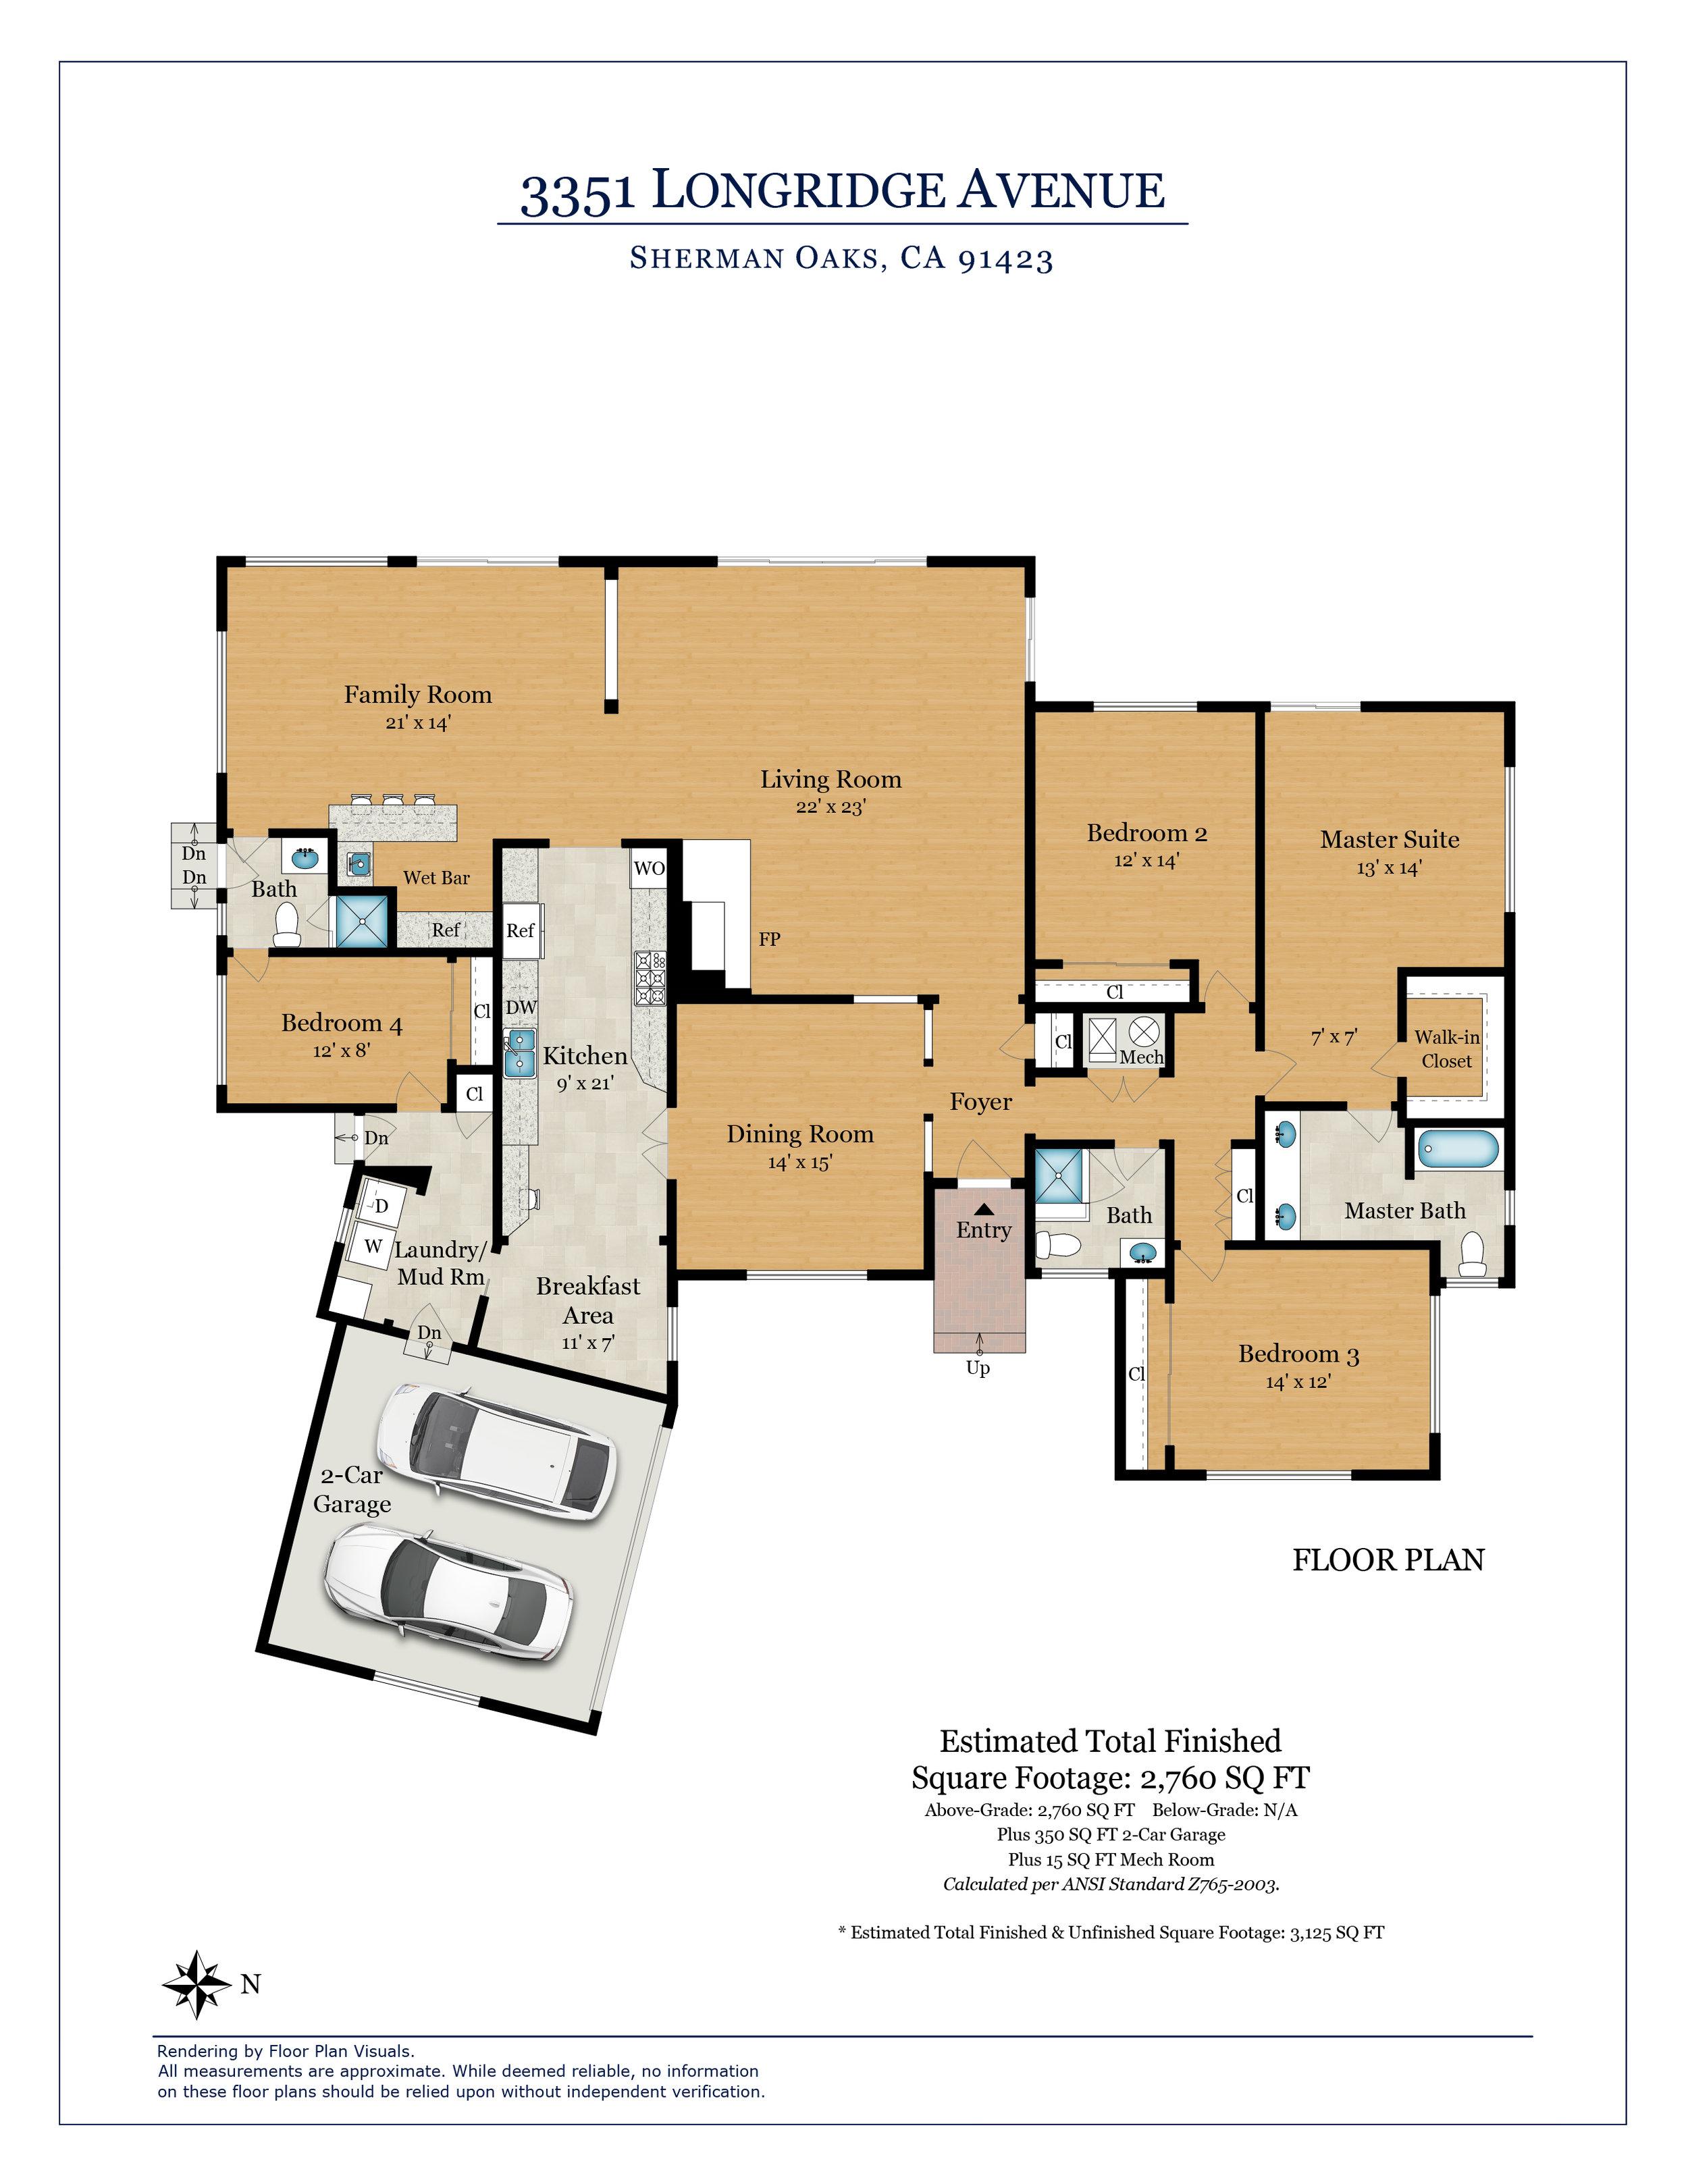 3351 Longridge Ave Floor Plan.jpg